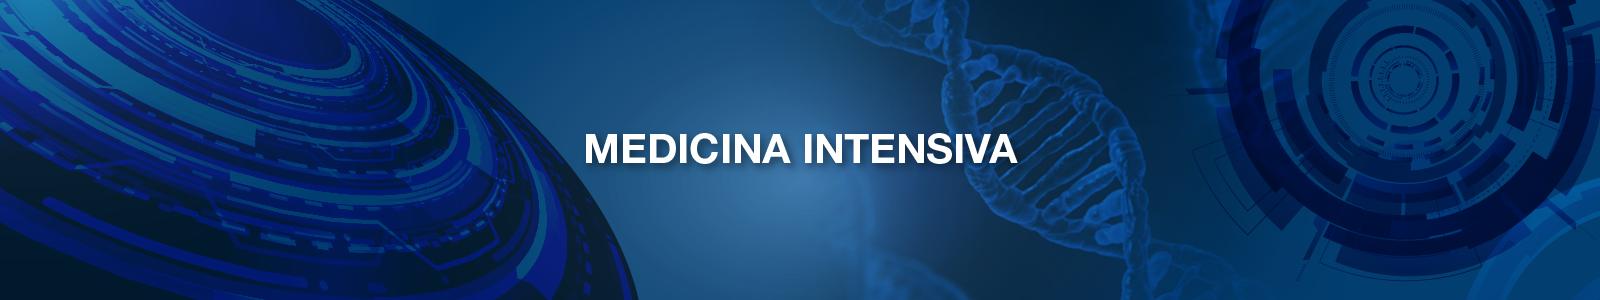 Visão Aché2021-banners gerais-medicina intensiva